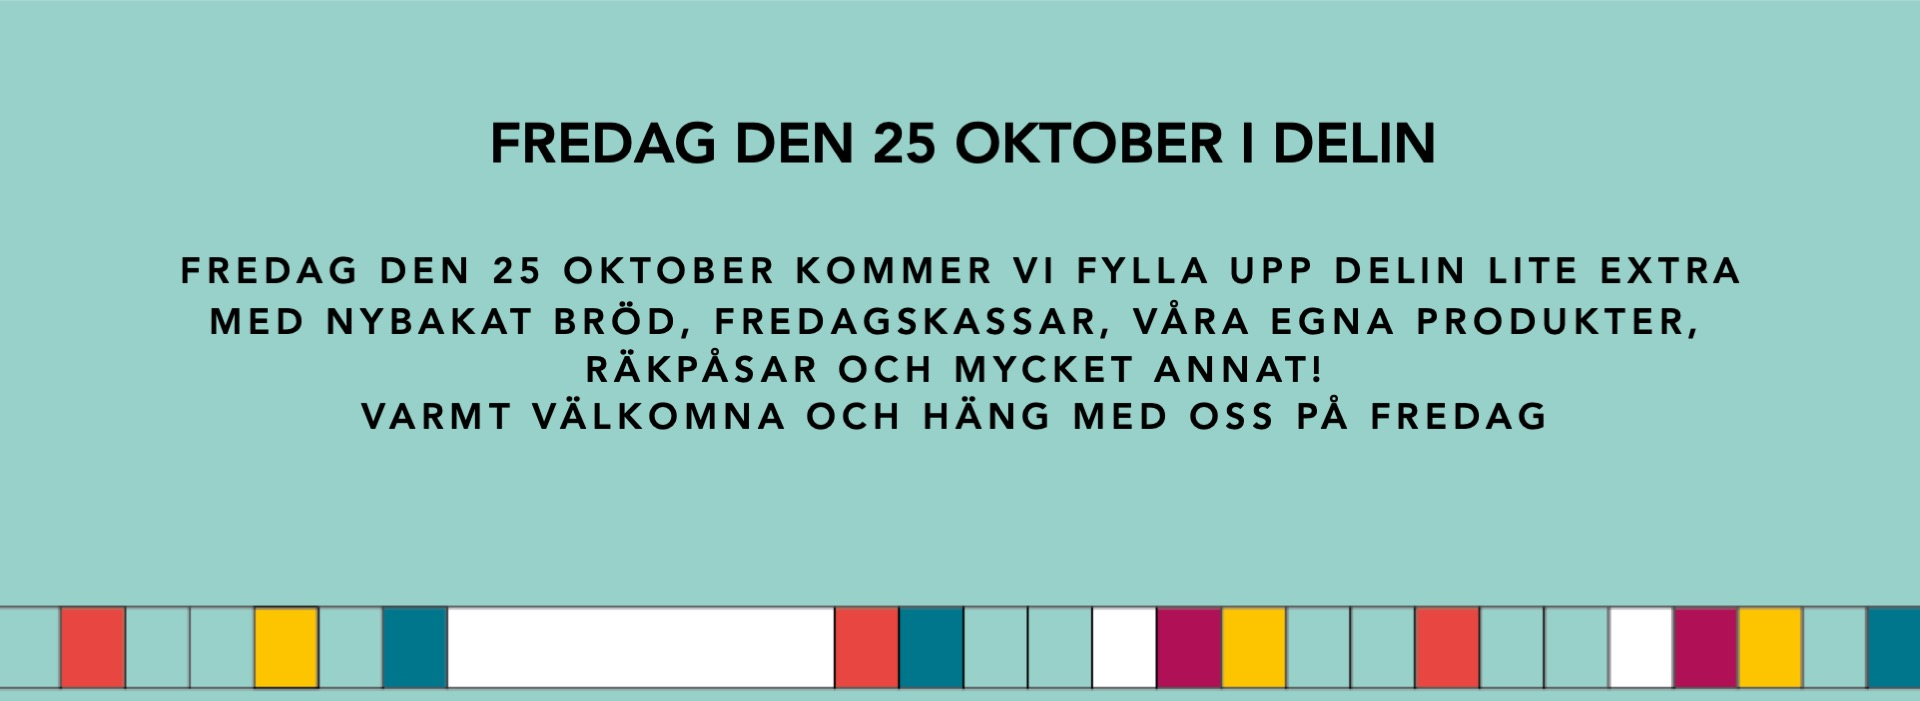 FREDAG-DEN-25-okt